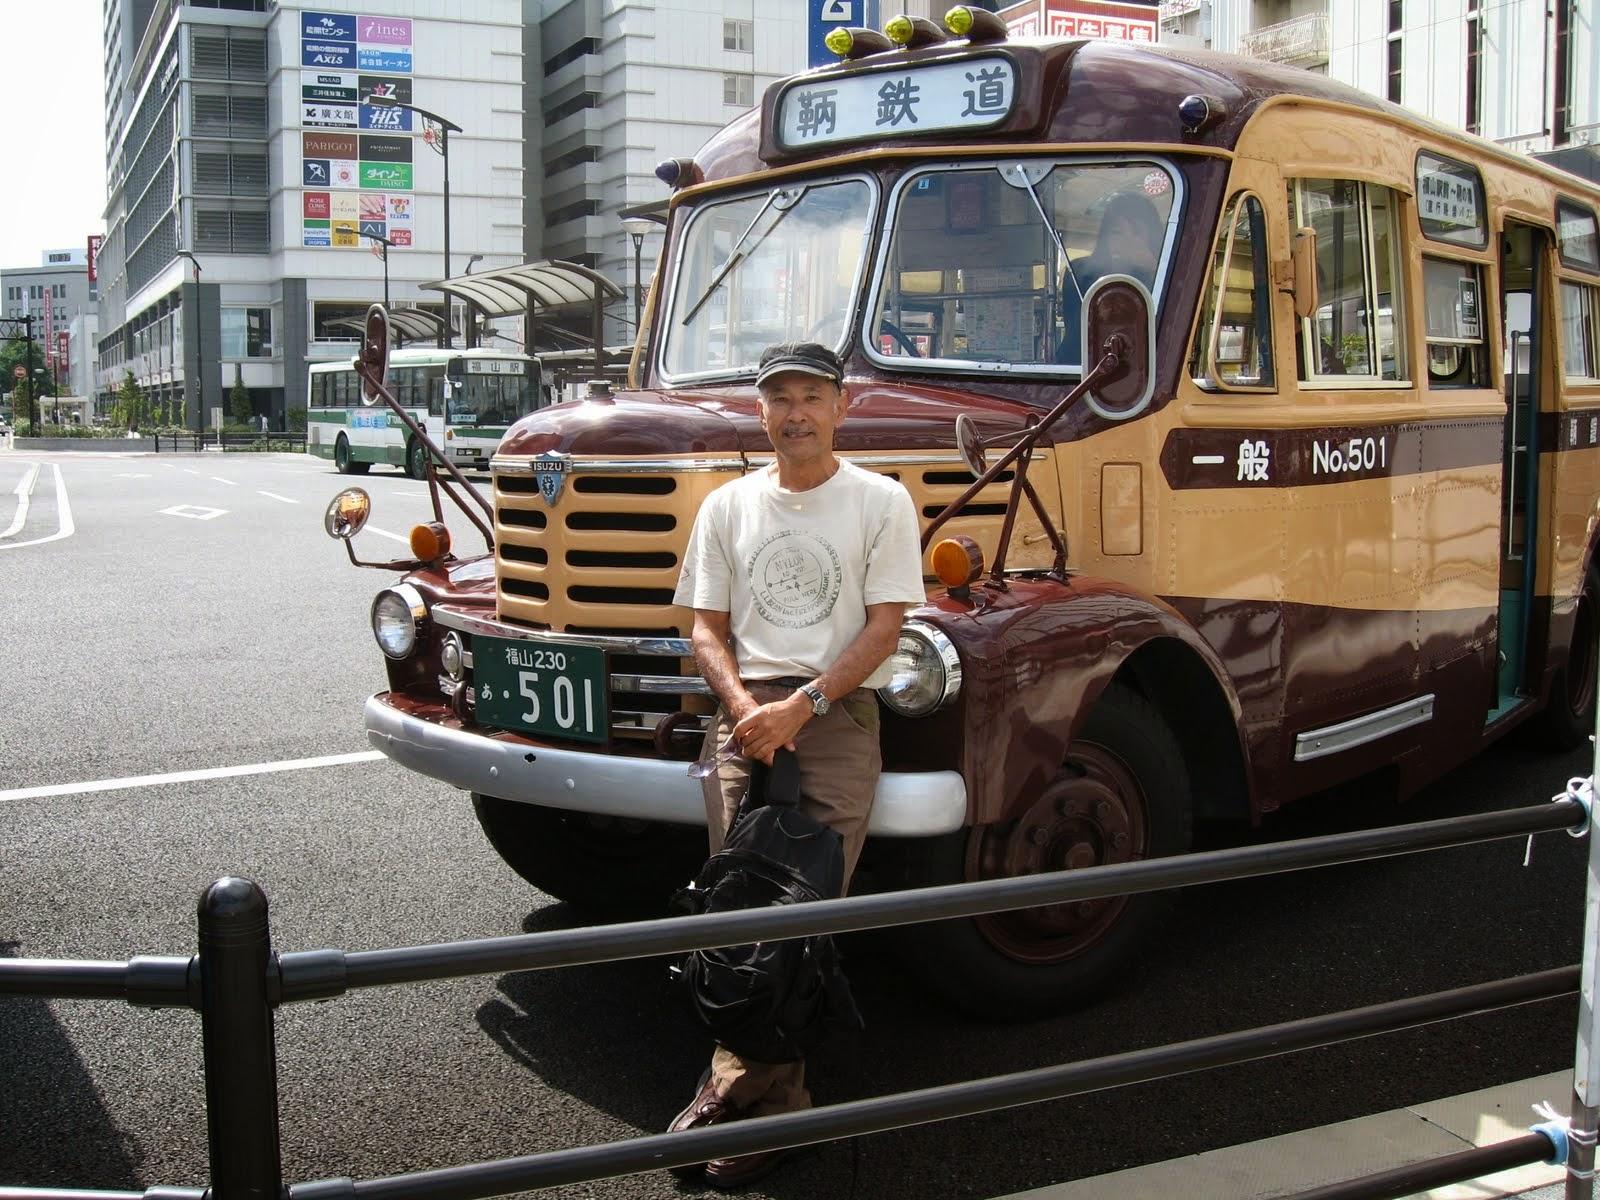 久保極と鞆の浦行きボンネットバス